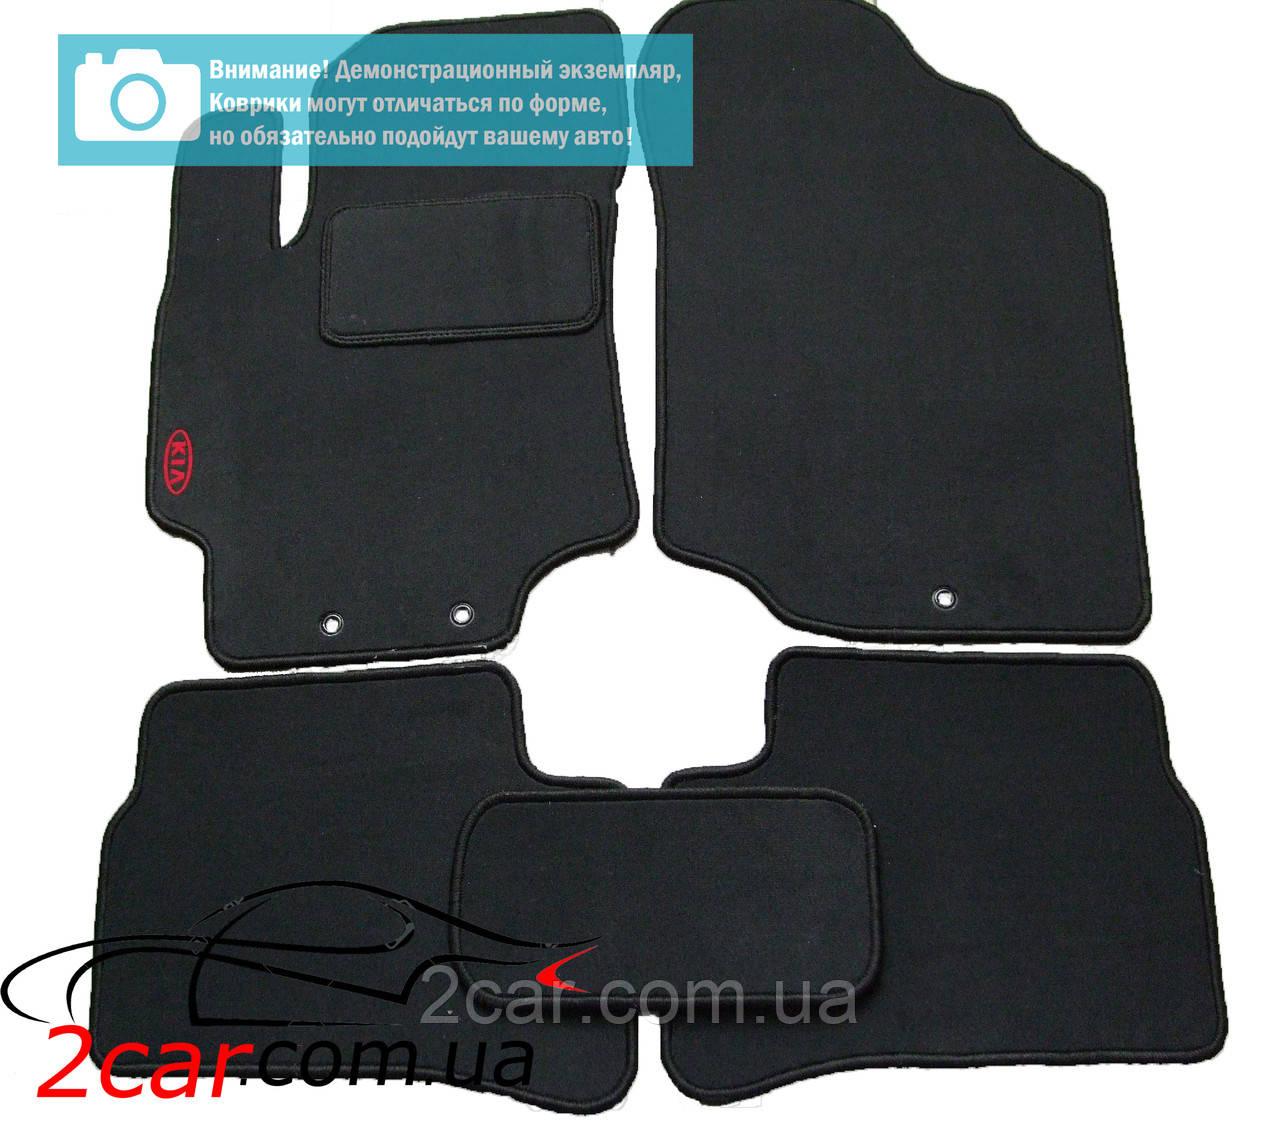 Текстильные коврики в салон для ВАЗ 2105 (серые) (StingrayUA)